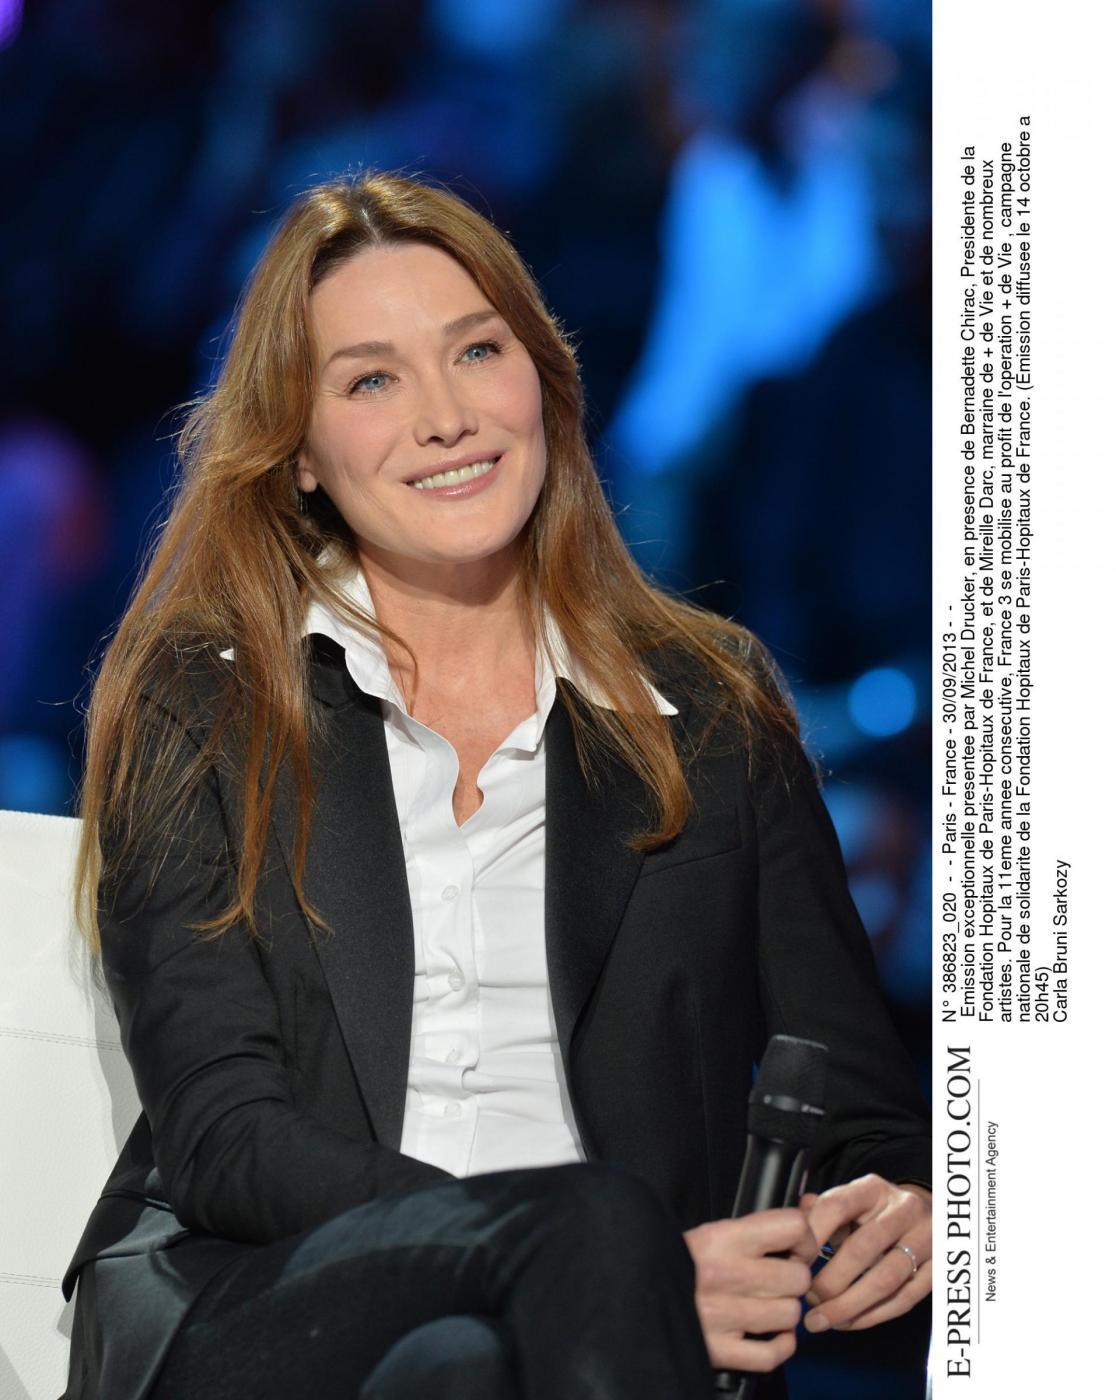 Quando Carla Bruni stregò Fillon apparendo in lingerie per l'Eliseo 02